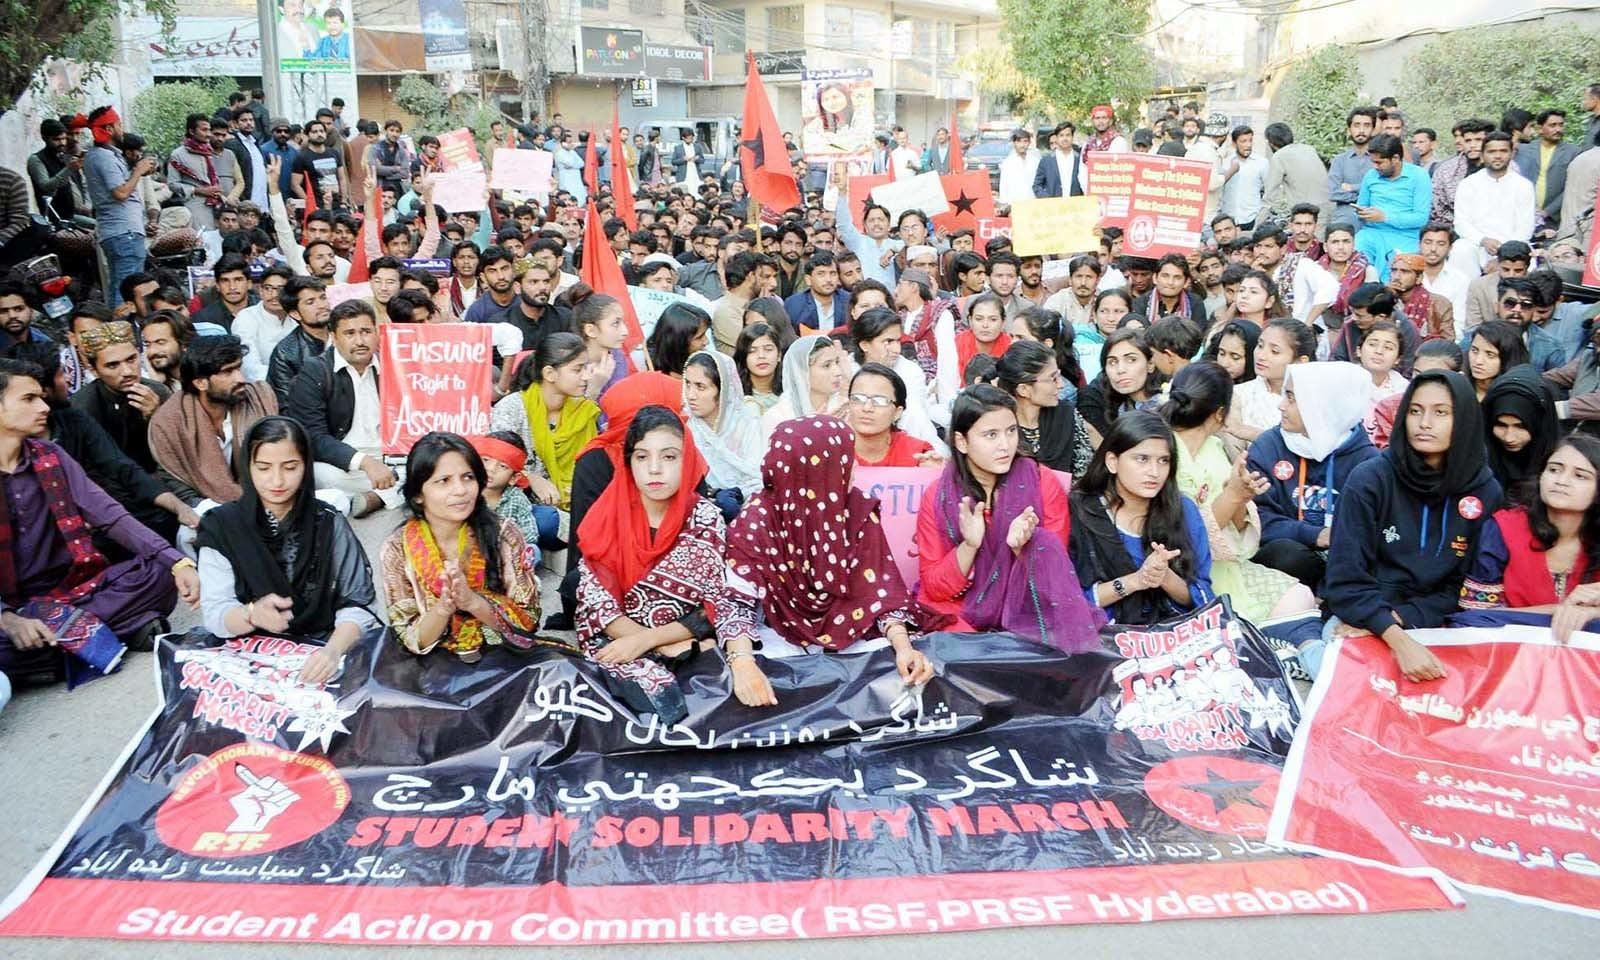 حیدر آباد پریس کلب کے باہر طالب علموں نے طلبہ یکجہتی مارچ کیا — فوٹو: اے پی پی